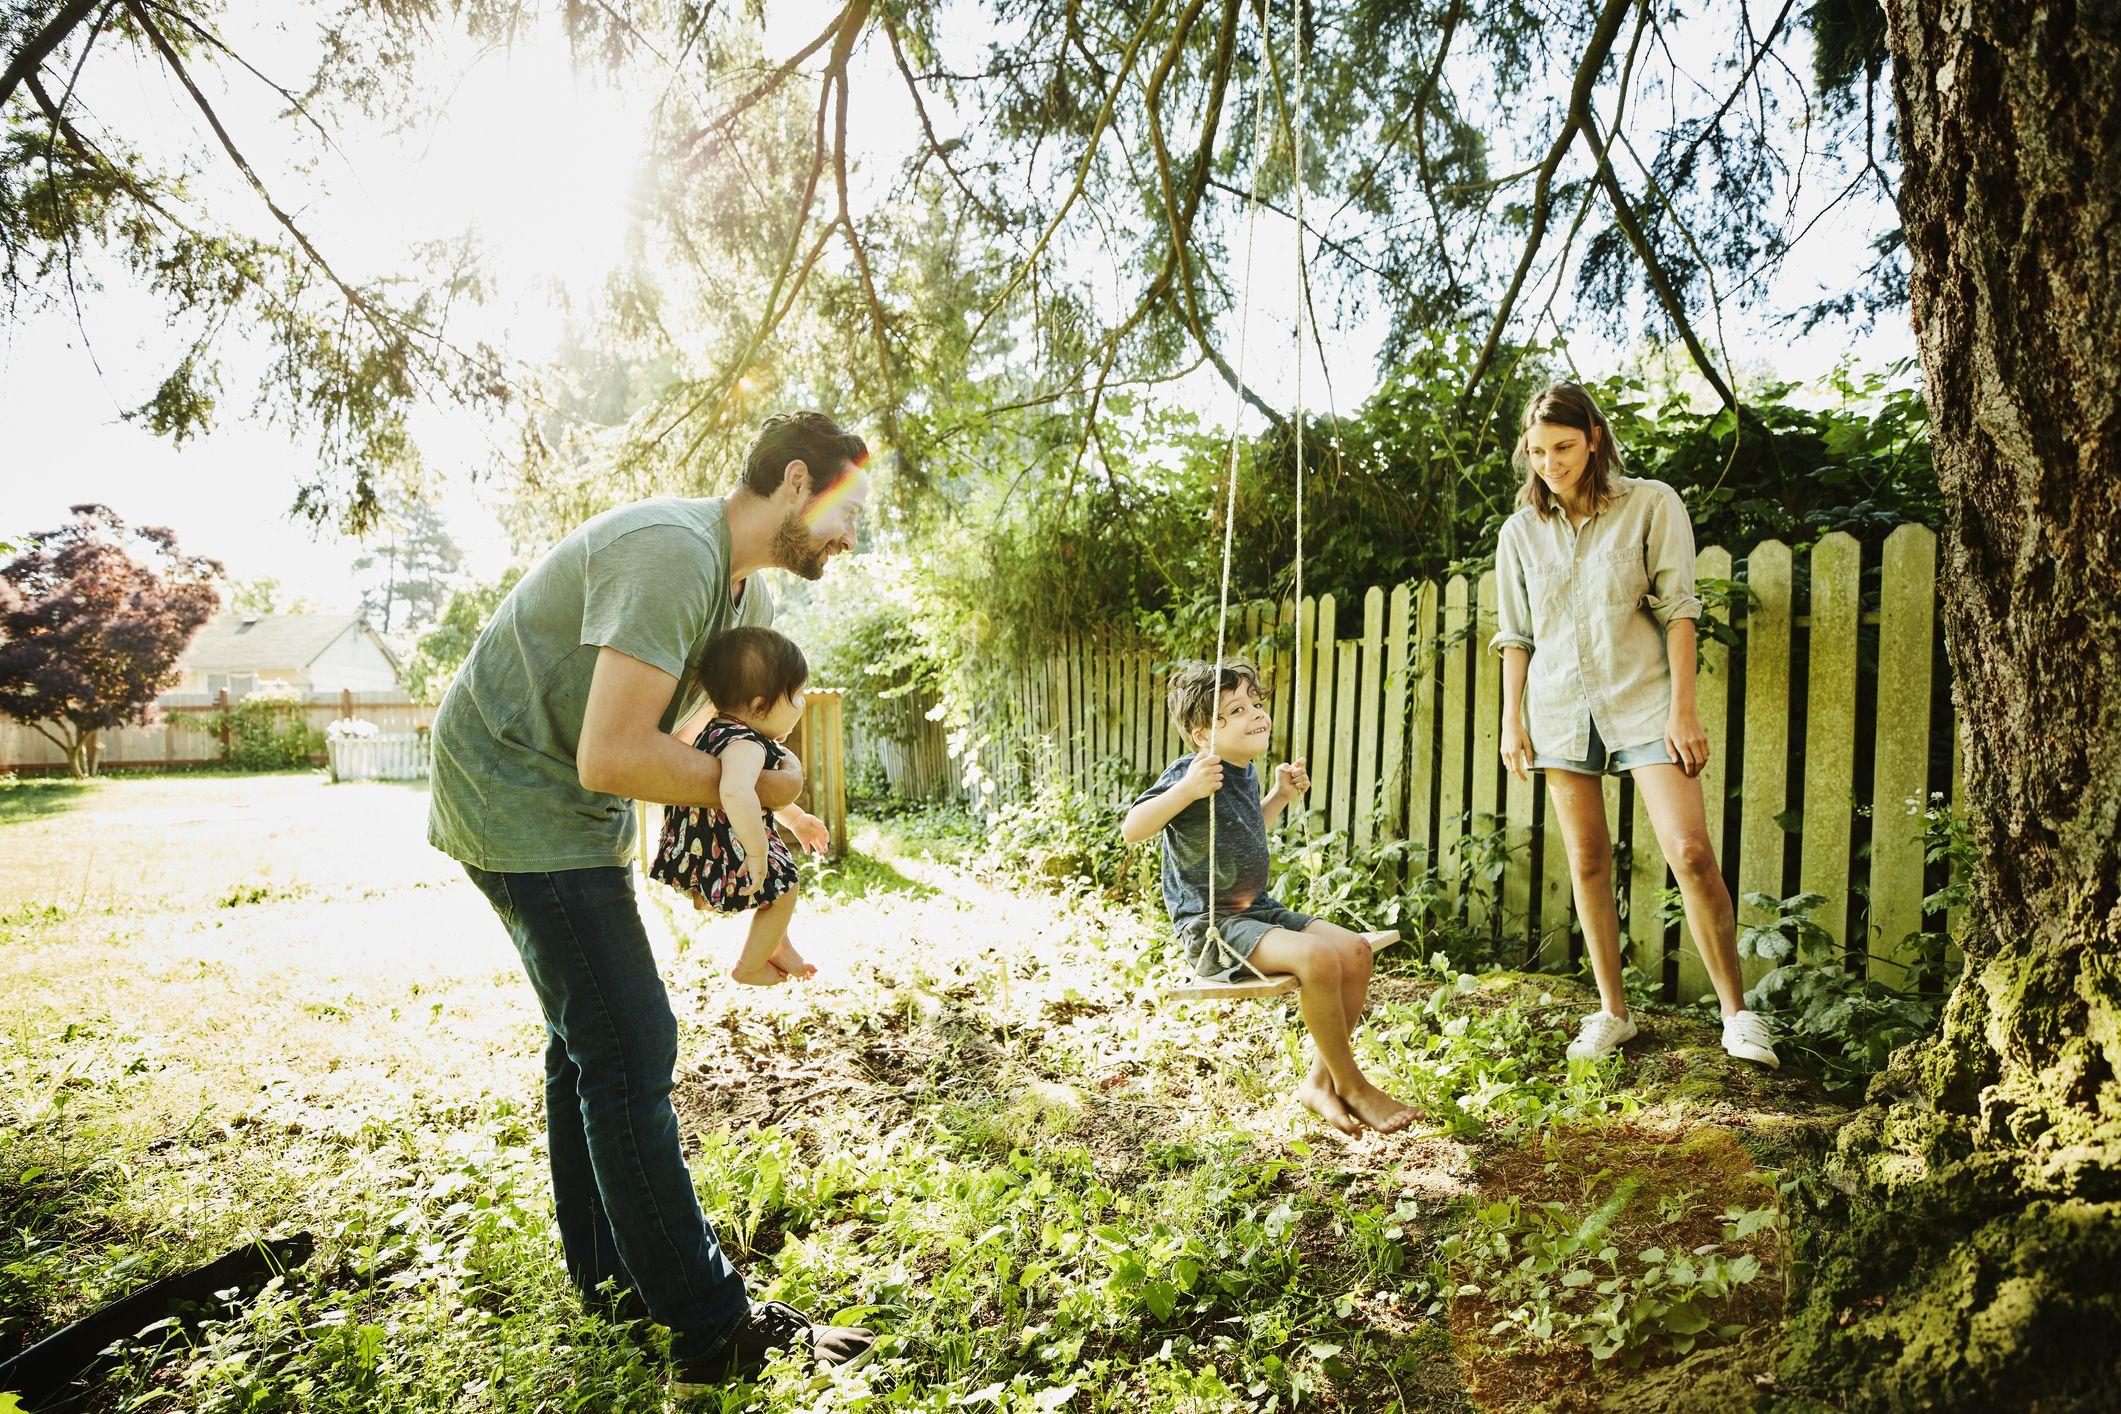 Family using swing in backyard